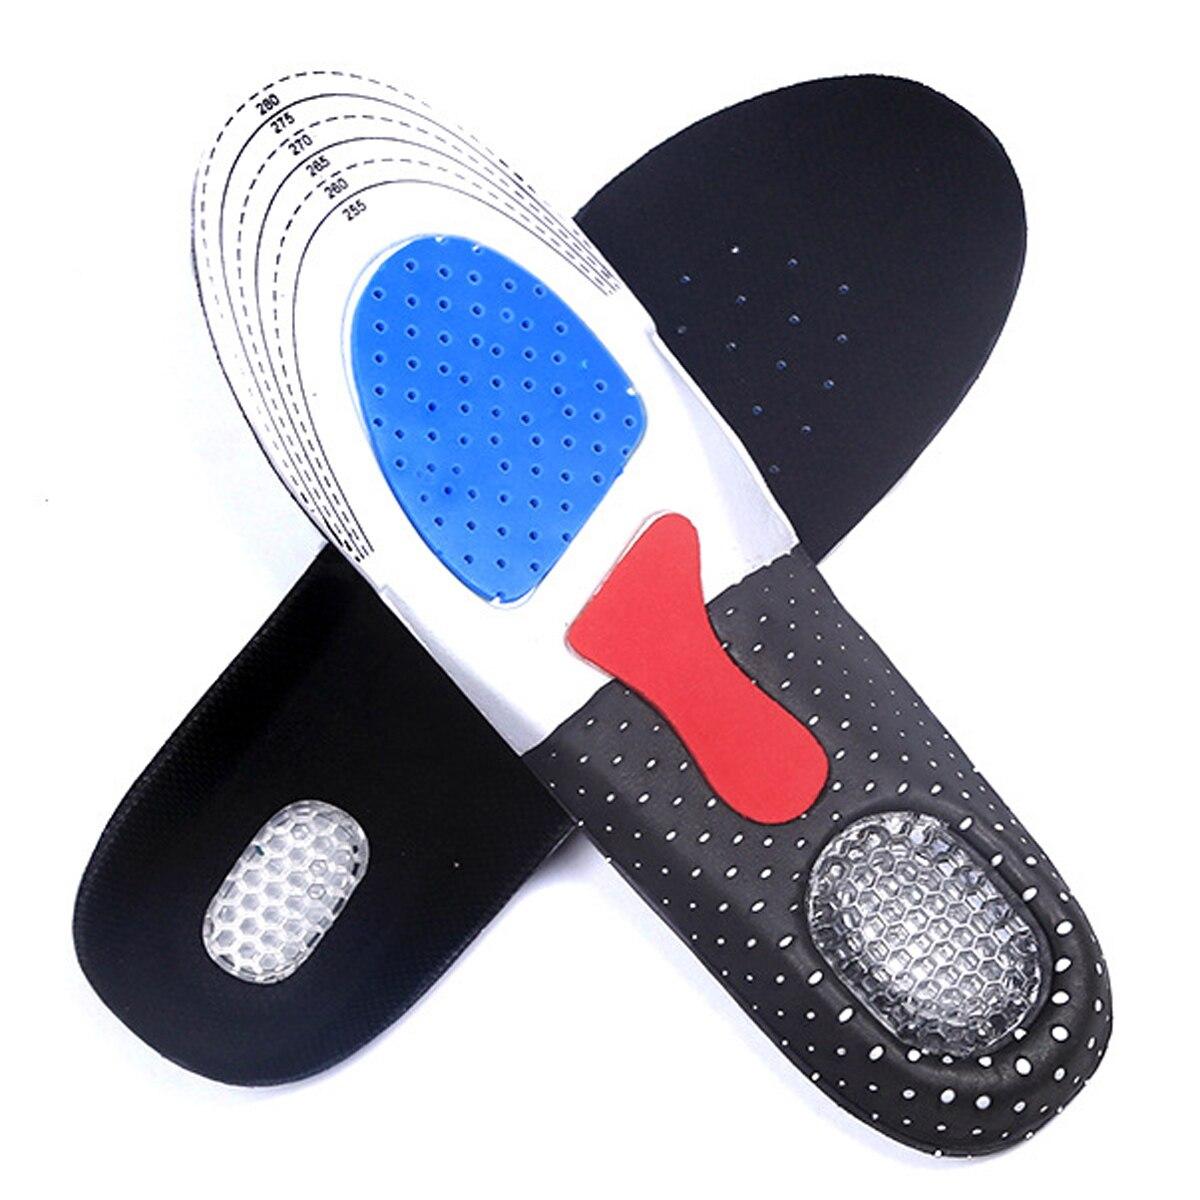 Running Shoe Insert Reviews